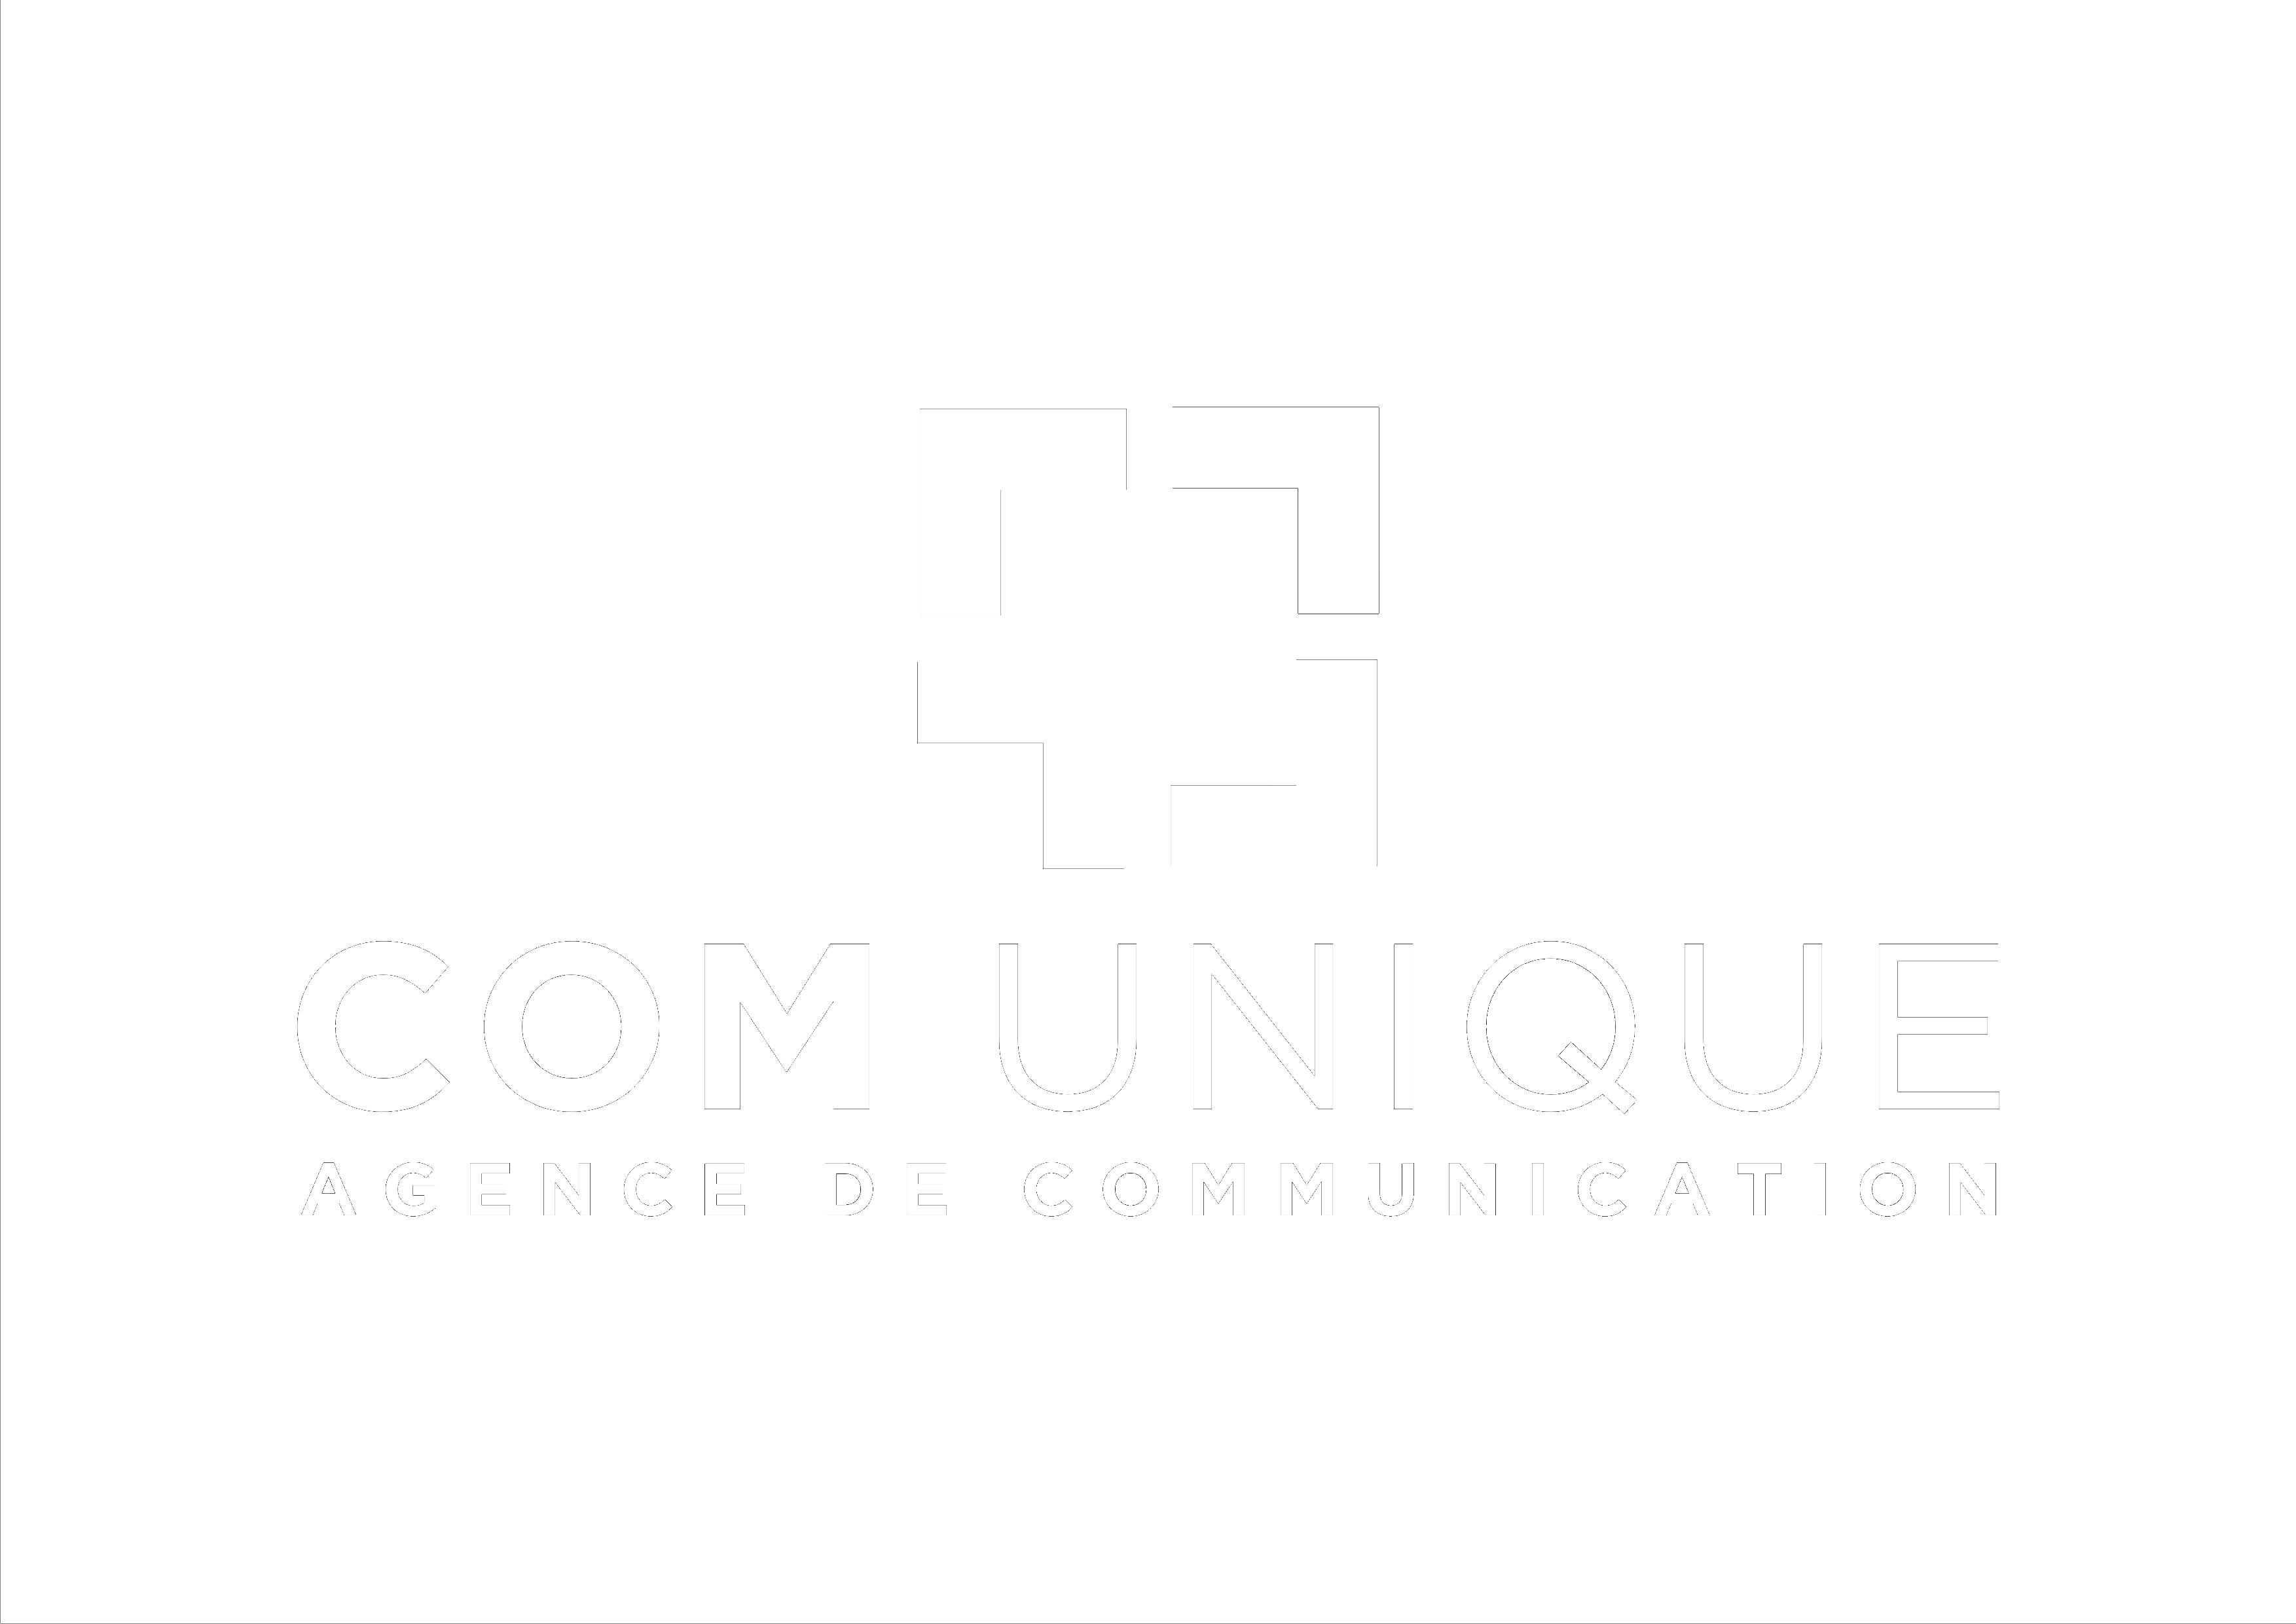 logoblanc Com Unique